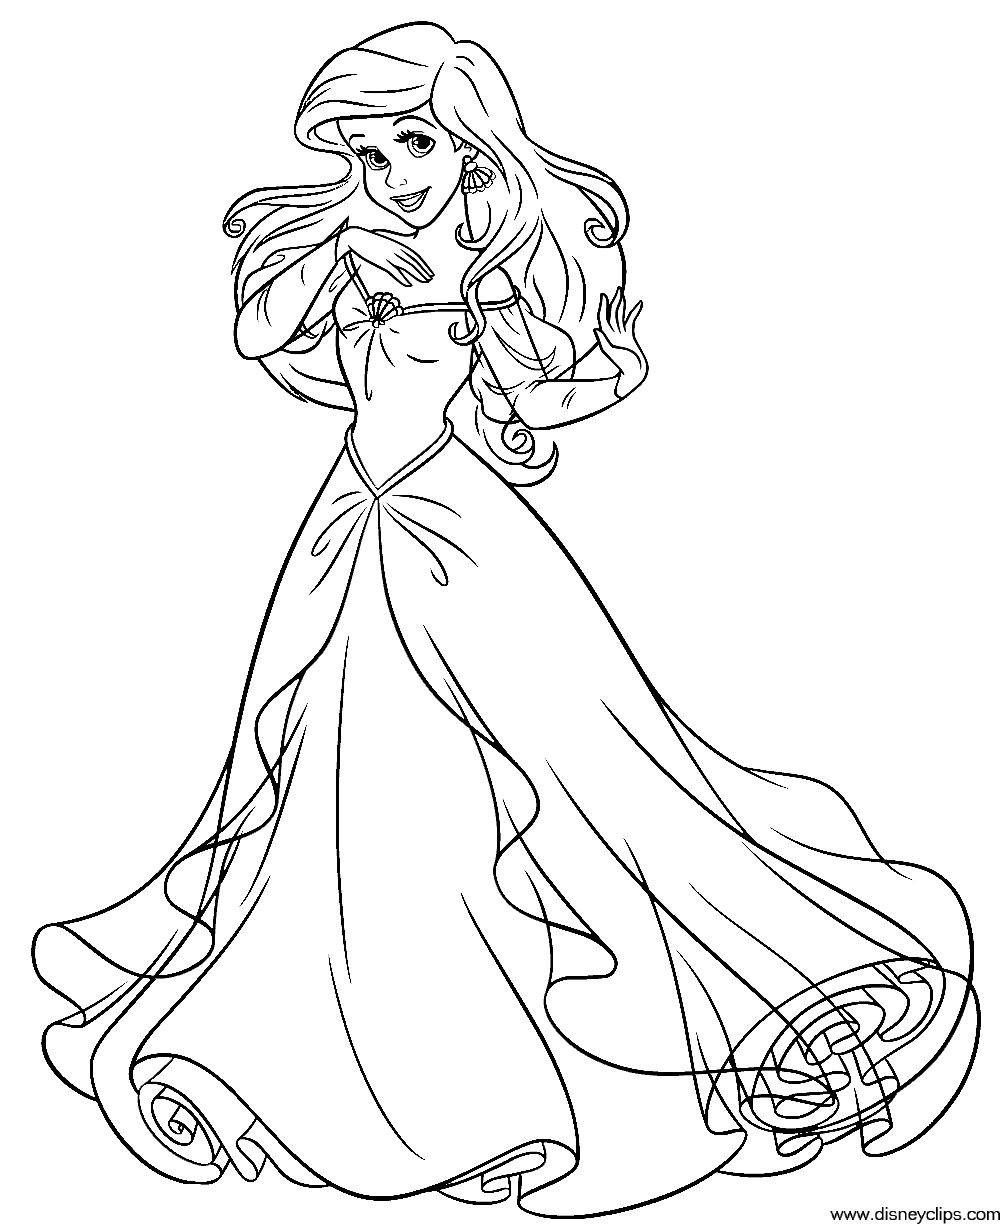 Disney Prinzessinnen Zeichnen Neu Mermaid Coloring Disney the Little Mermaid Coloring Pages Printable Bild